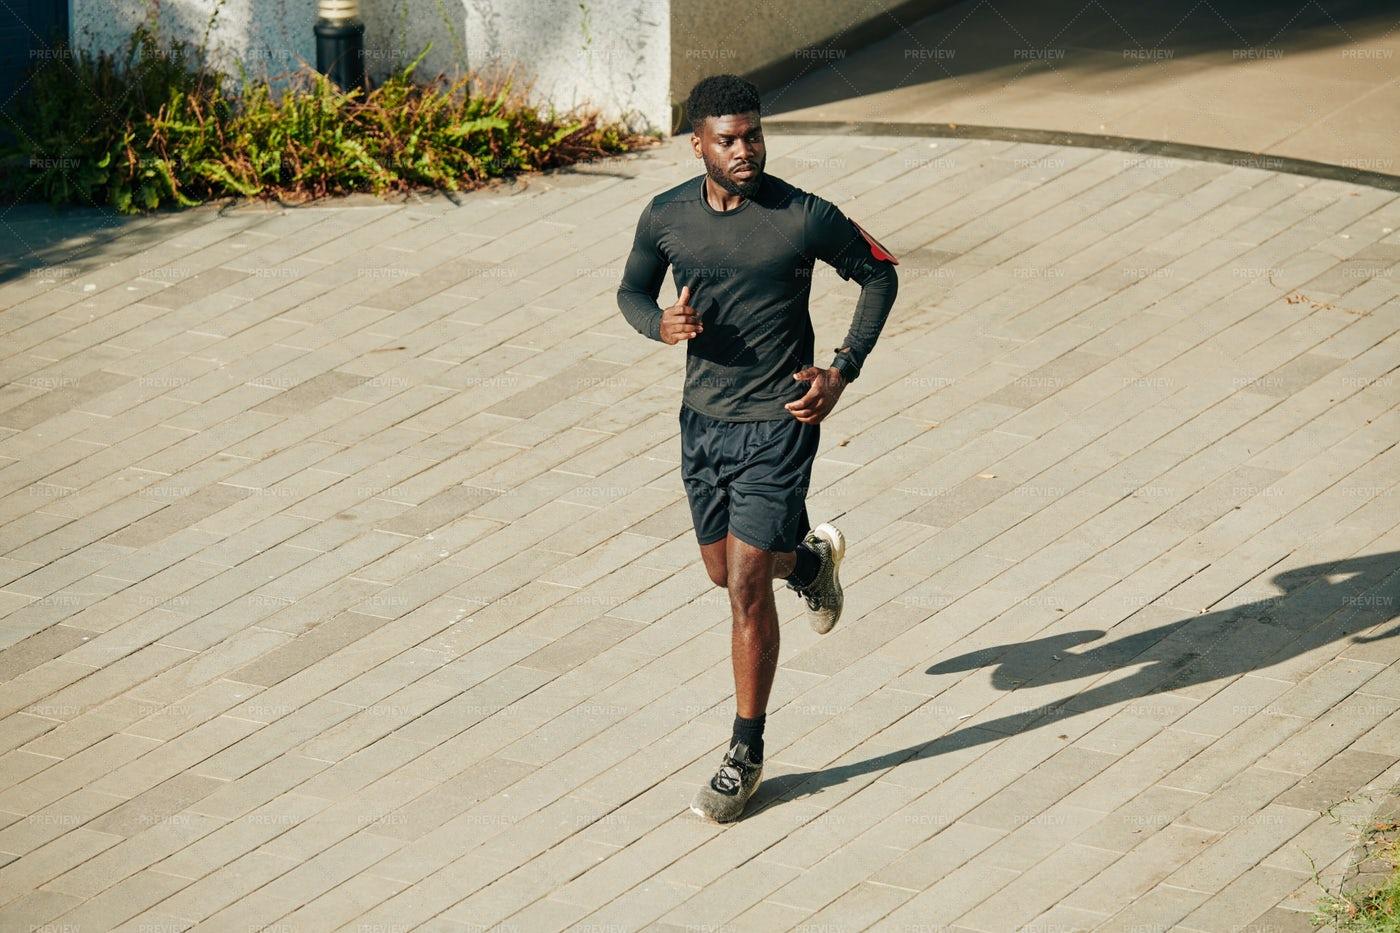 Man Running Outdoors: Stock Photos